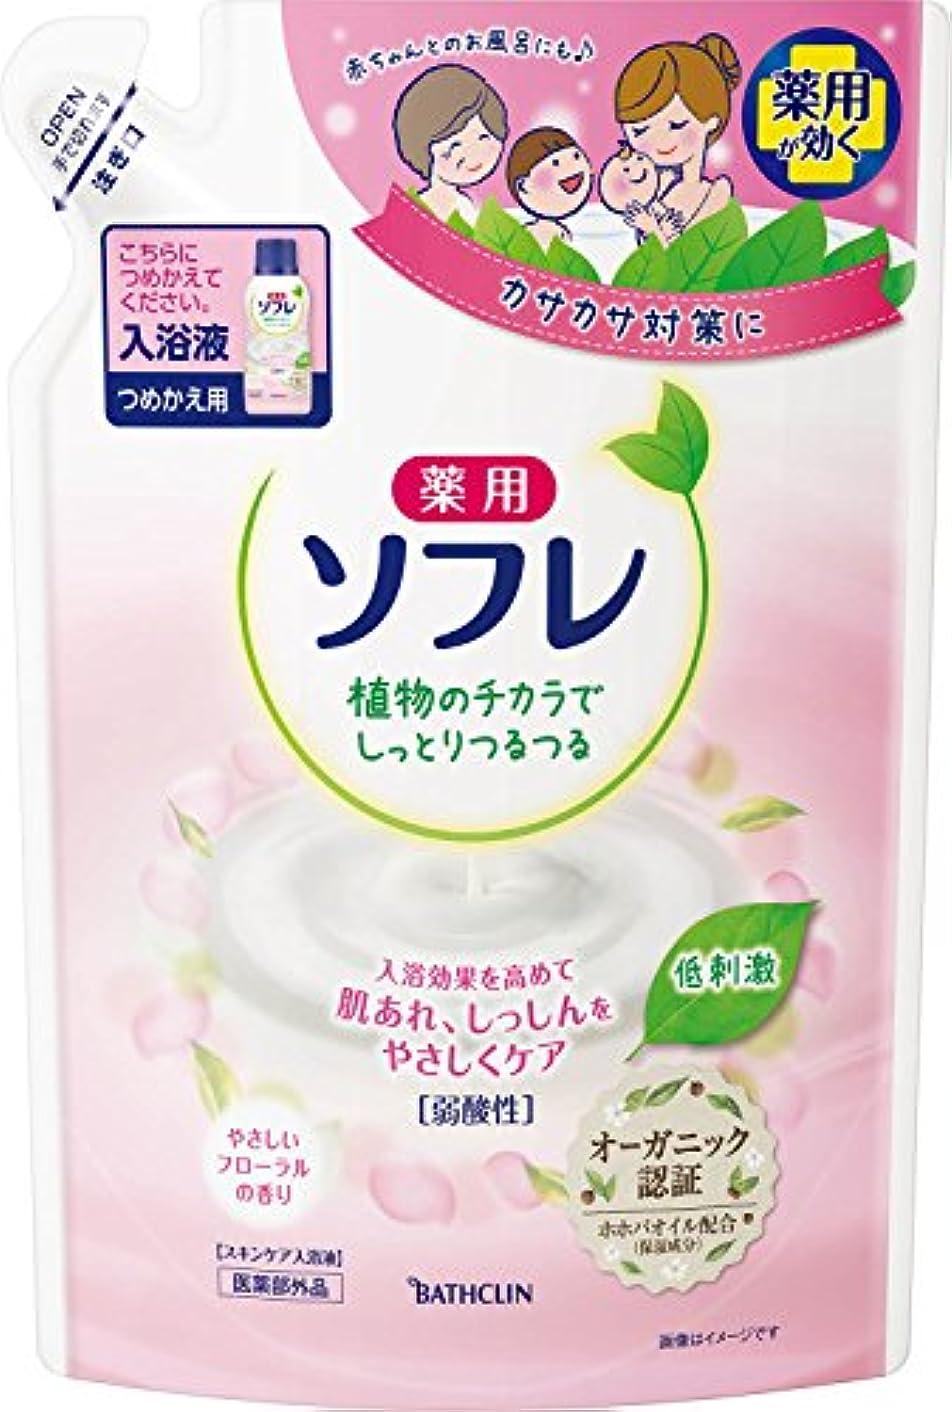 複数刈り取る規制する【医薬部外品】薬用ソフレ スキンケア入浴剤 やさしいフローラルの香り つめかえ用 600ml 入浴剤(赤ちゃんと一緒に使えます) 保湿タイプ